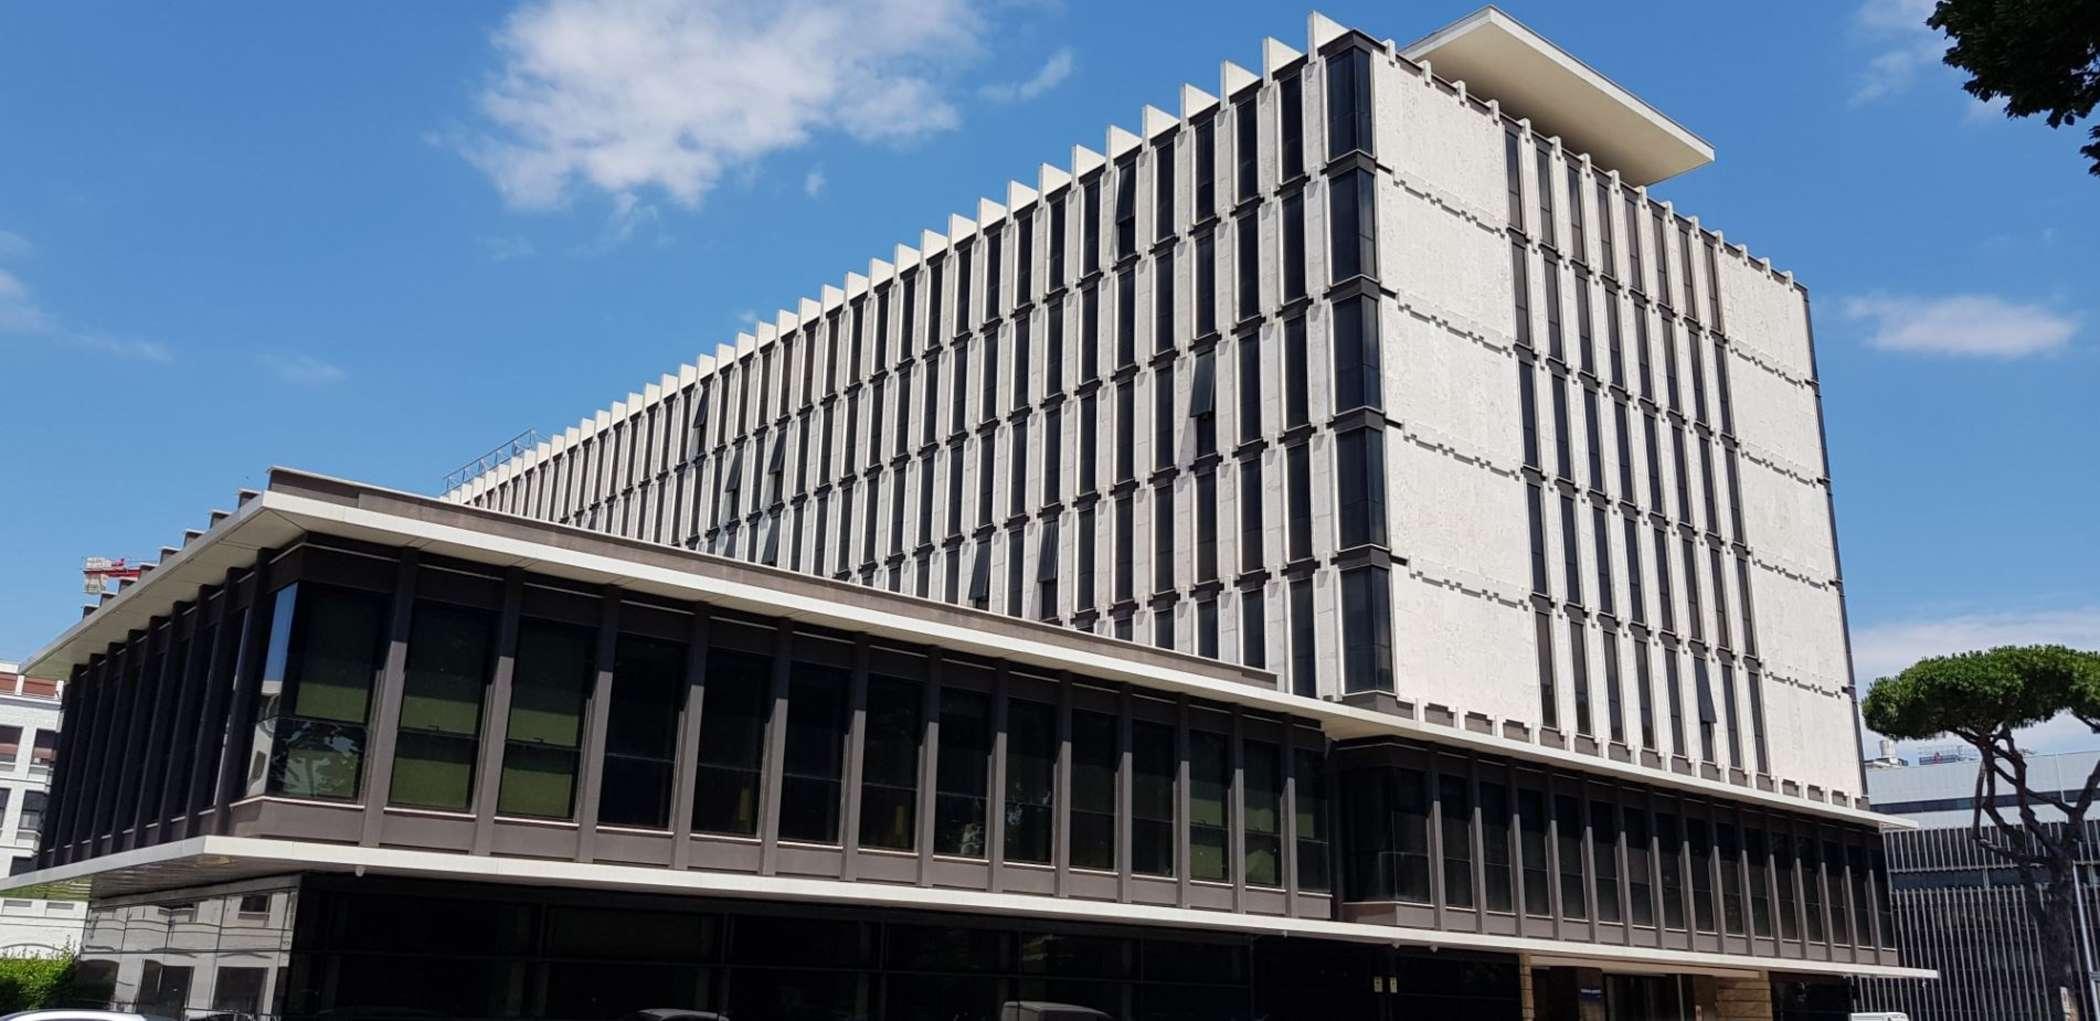 Piazzale dell industria 20 uffici immobili per in for Uffici temporanei roma termini